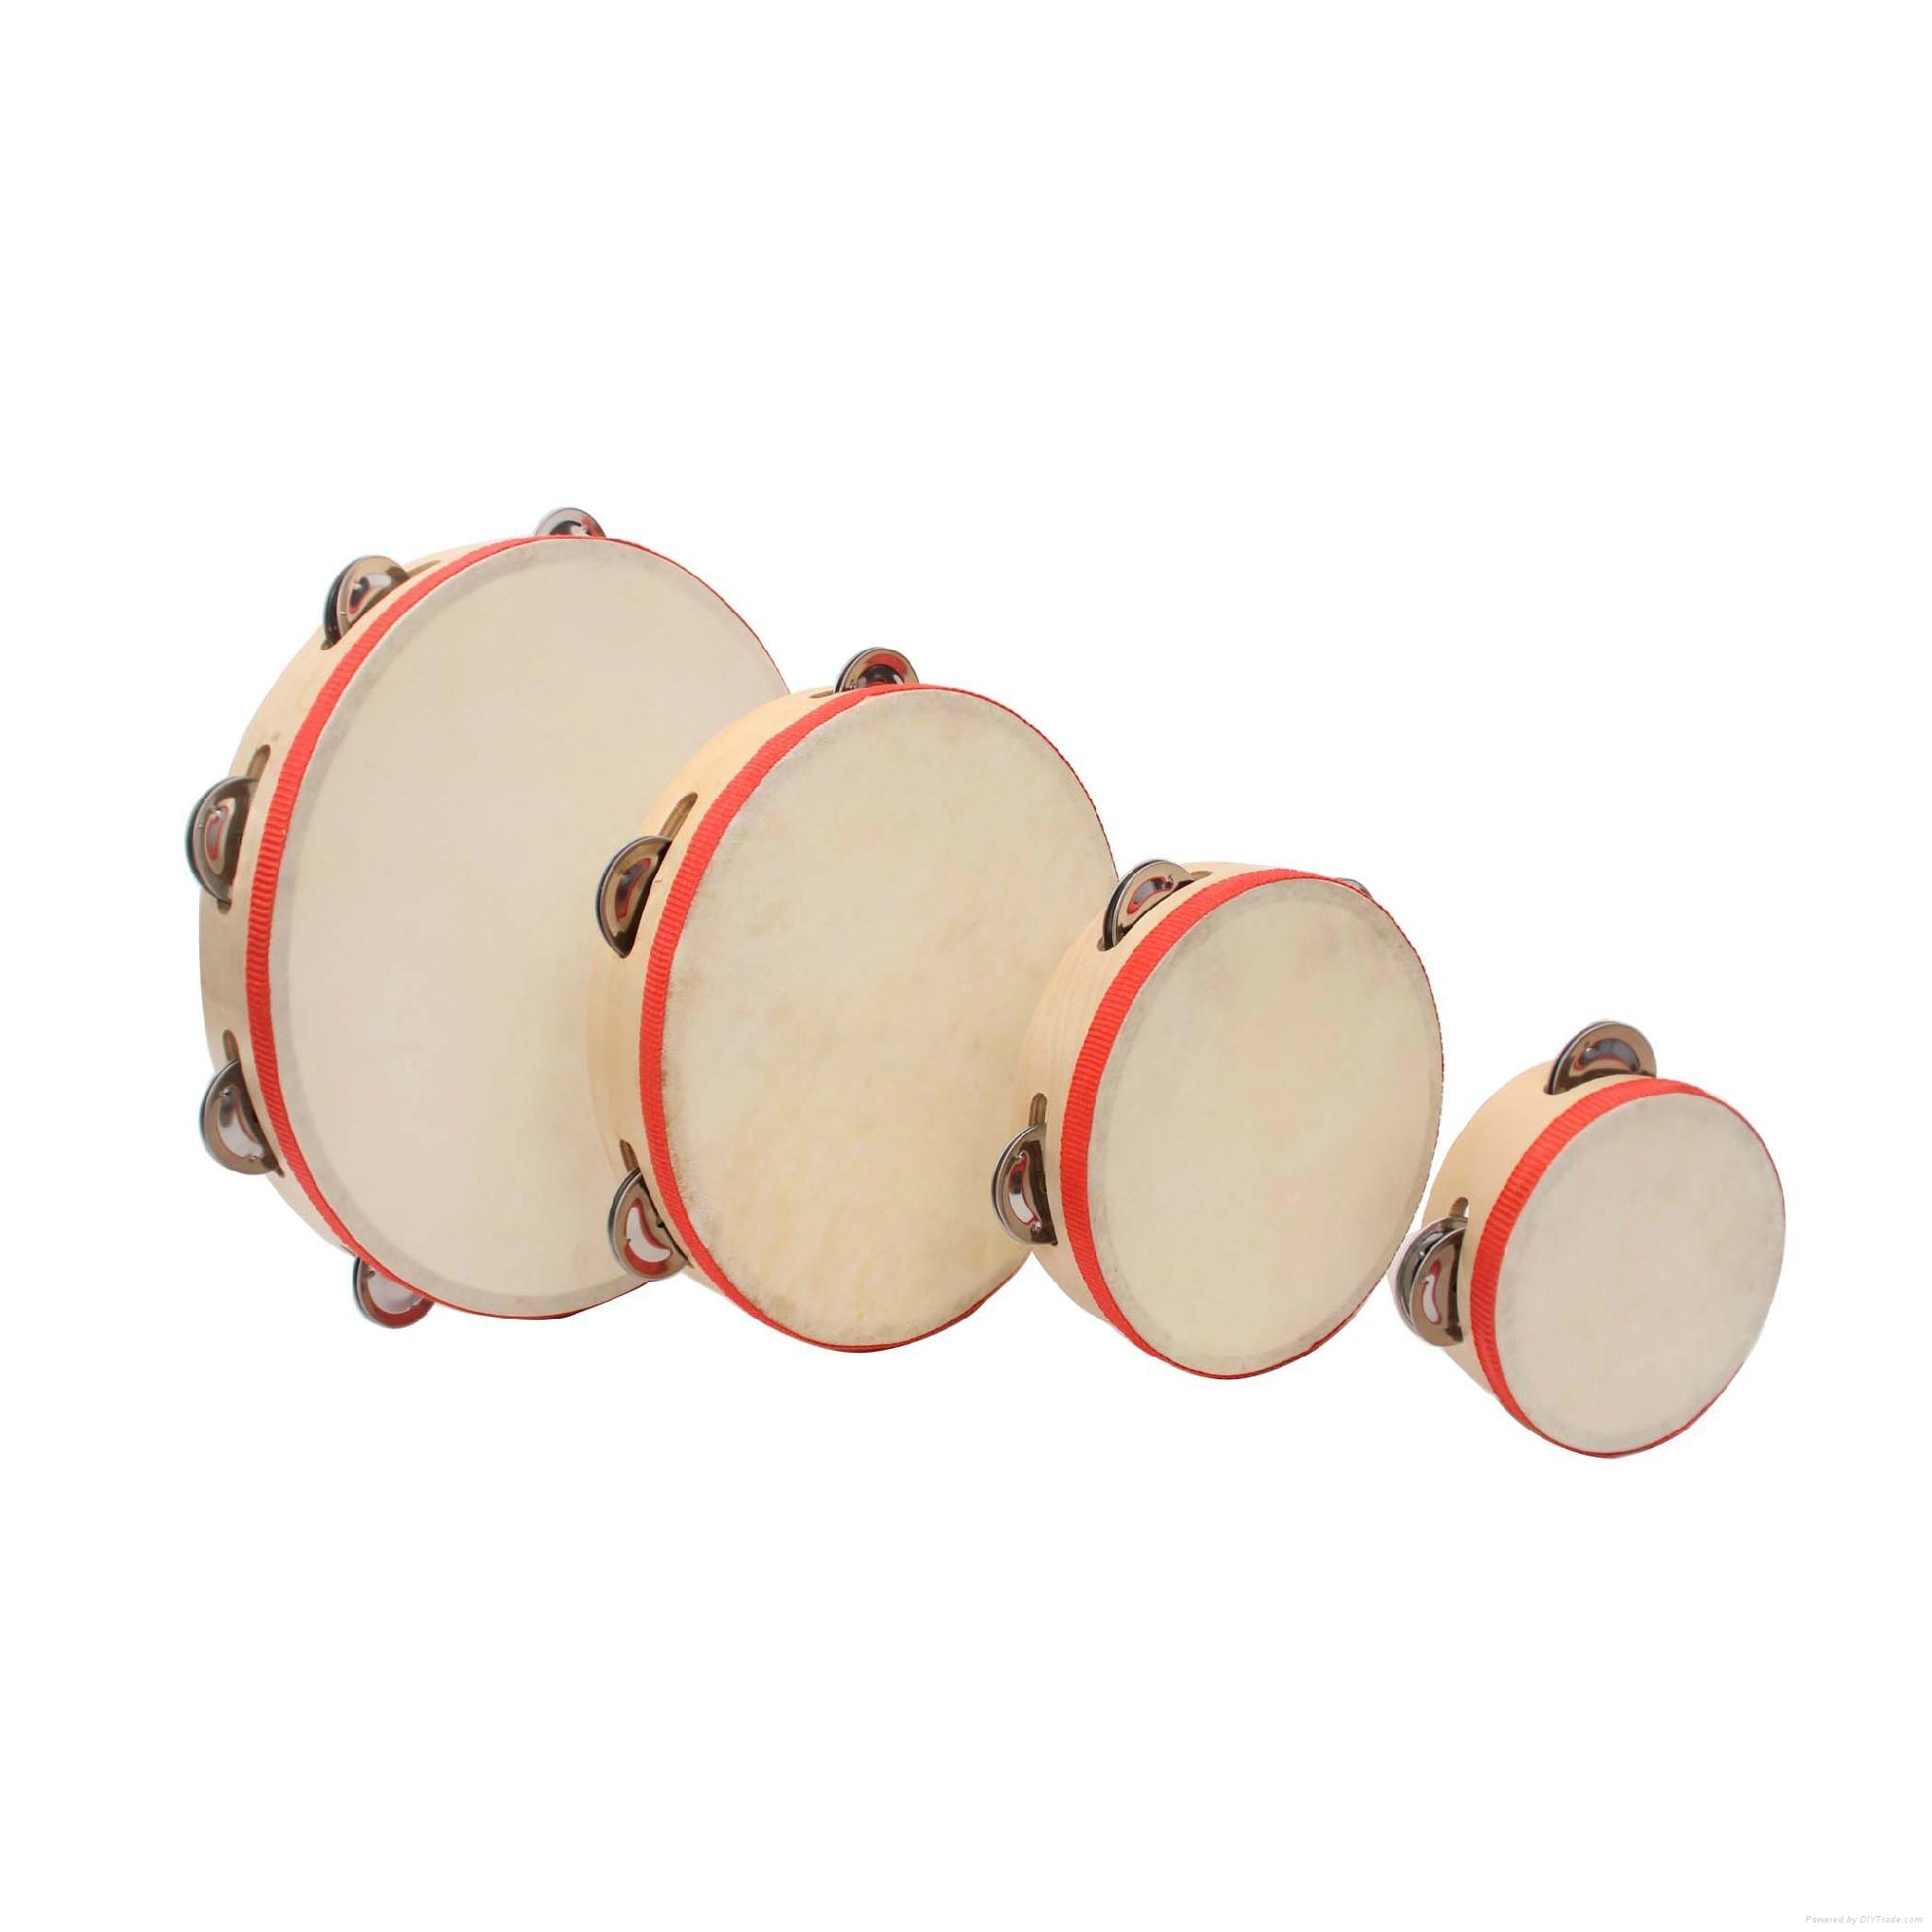 Tambourine 4